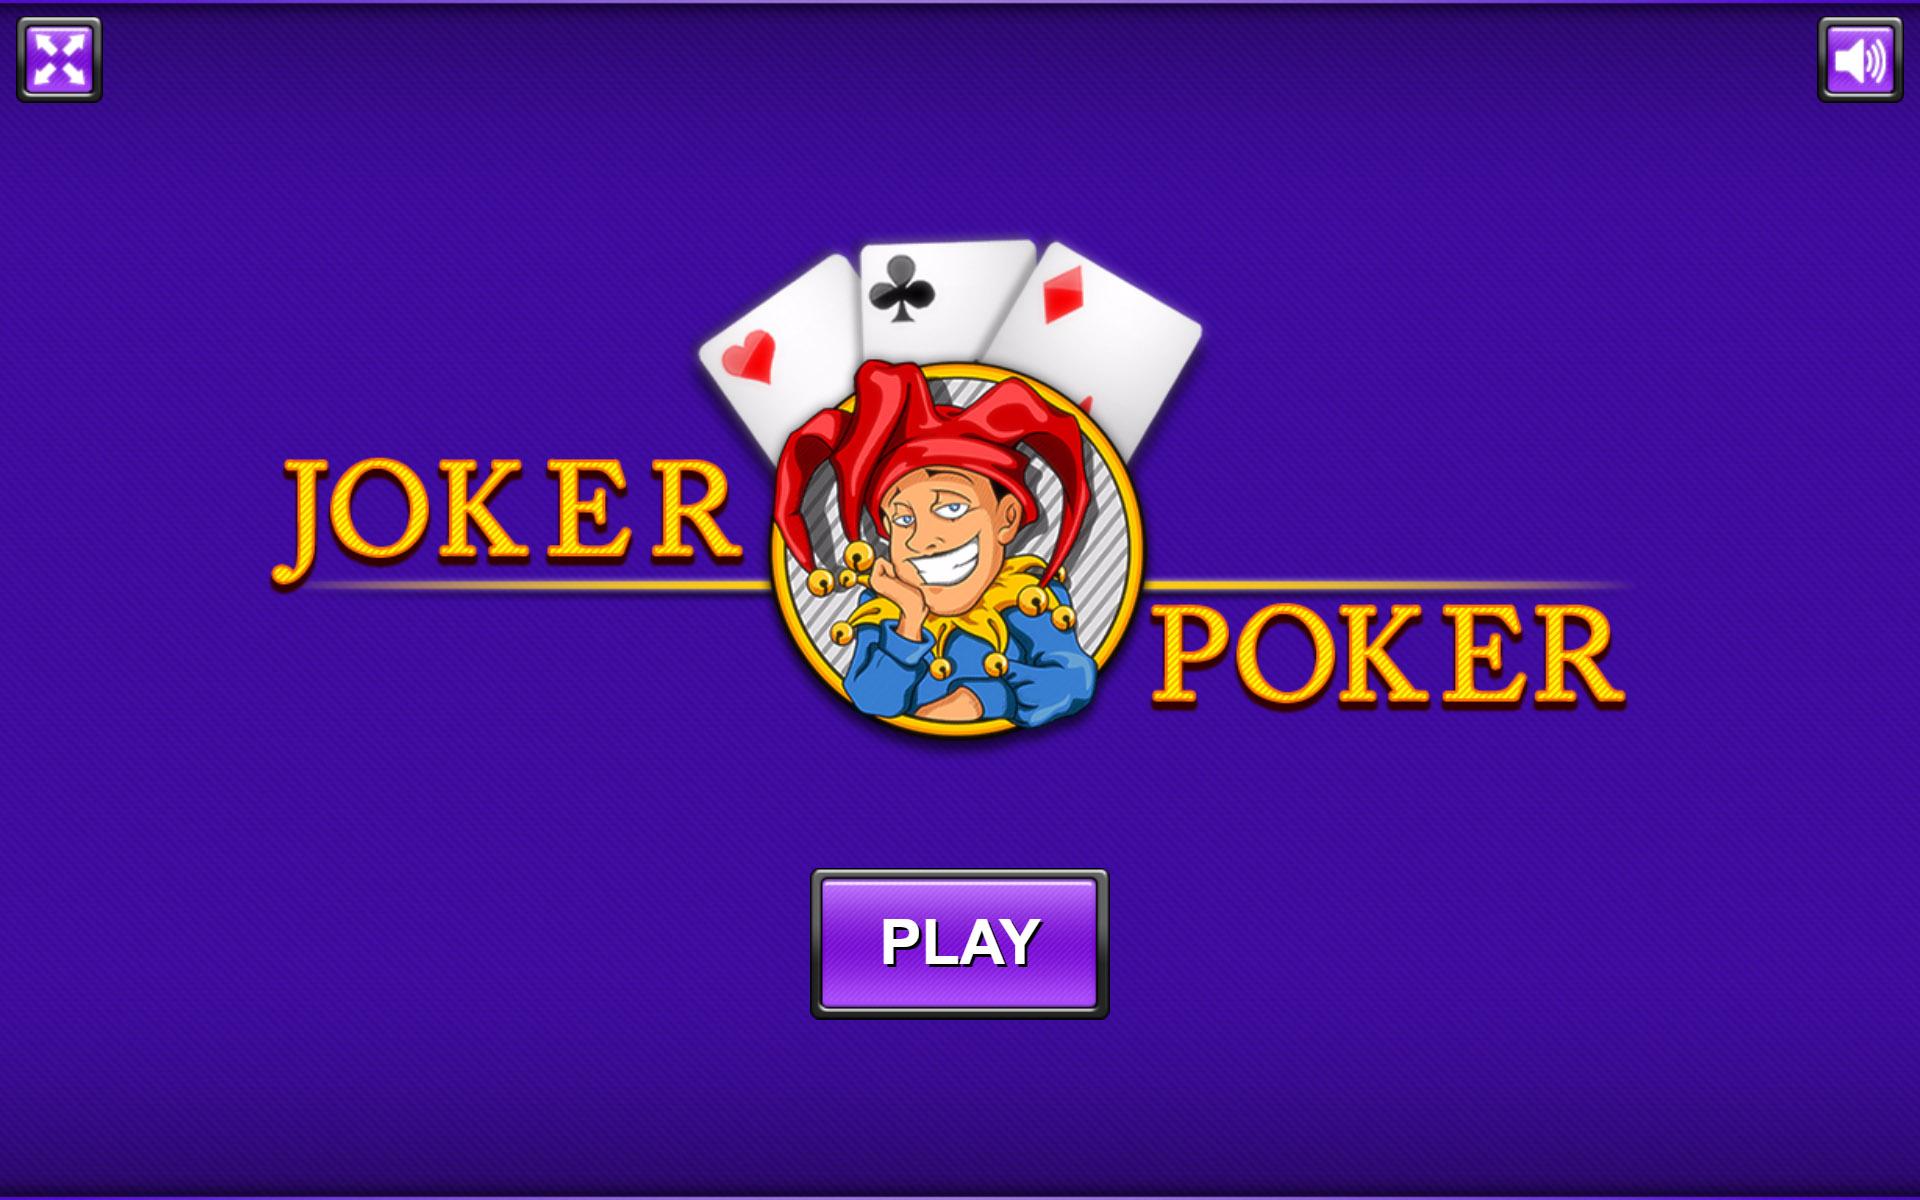 бесплатно онлайн игры карты покер